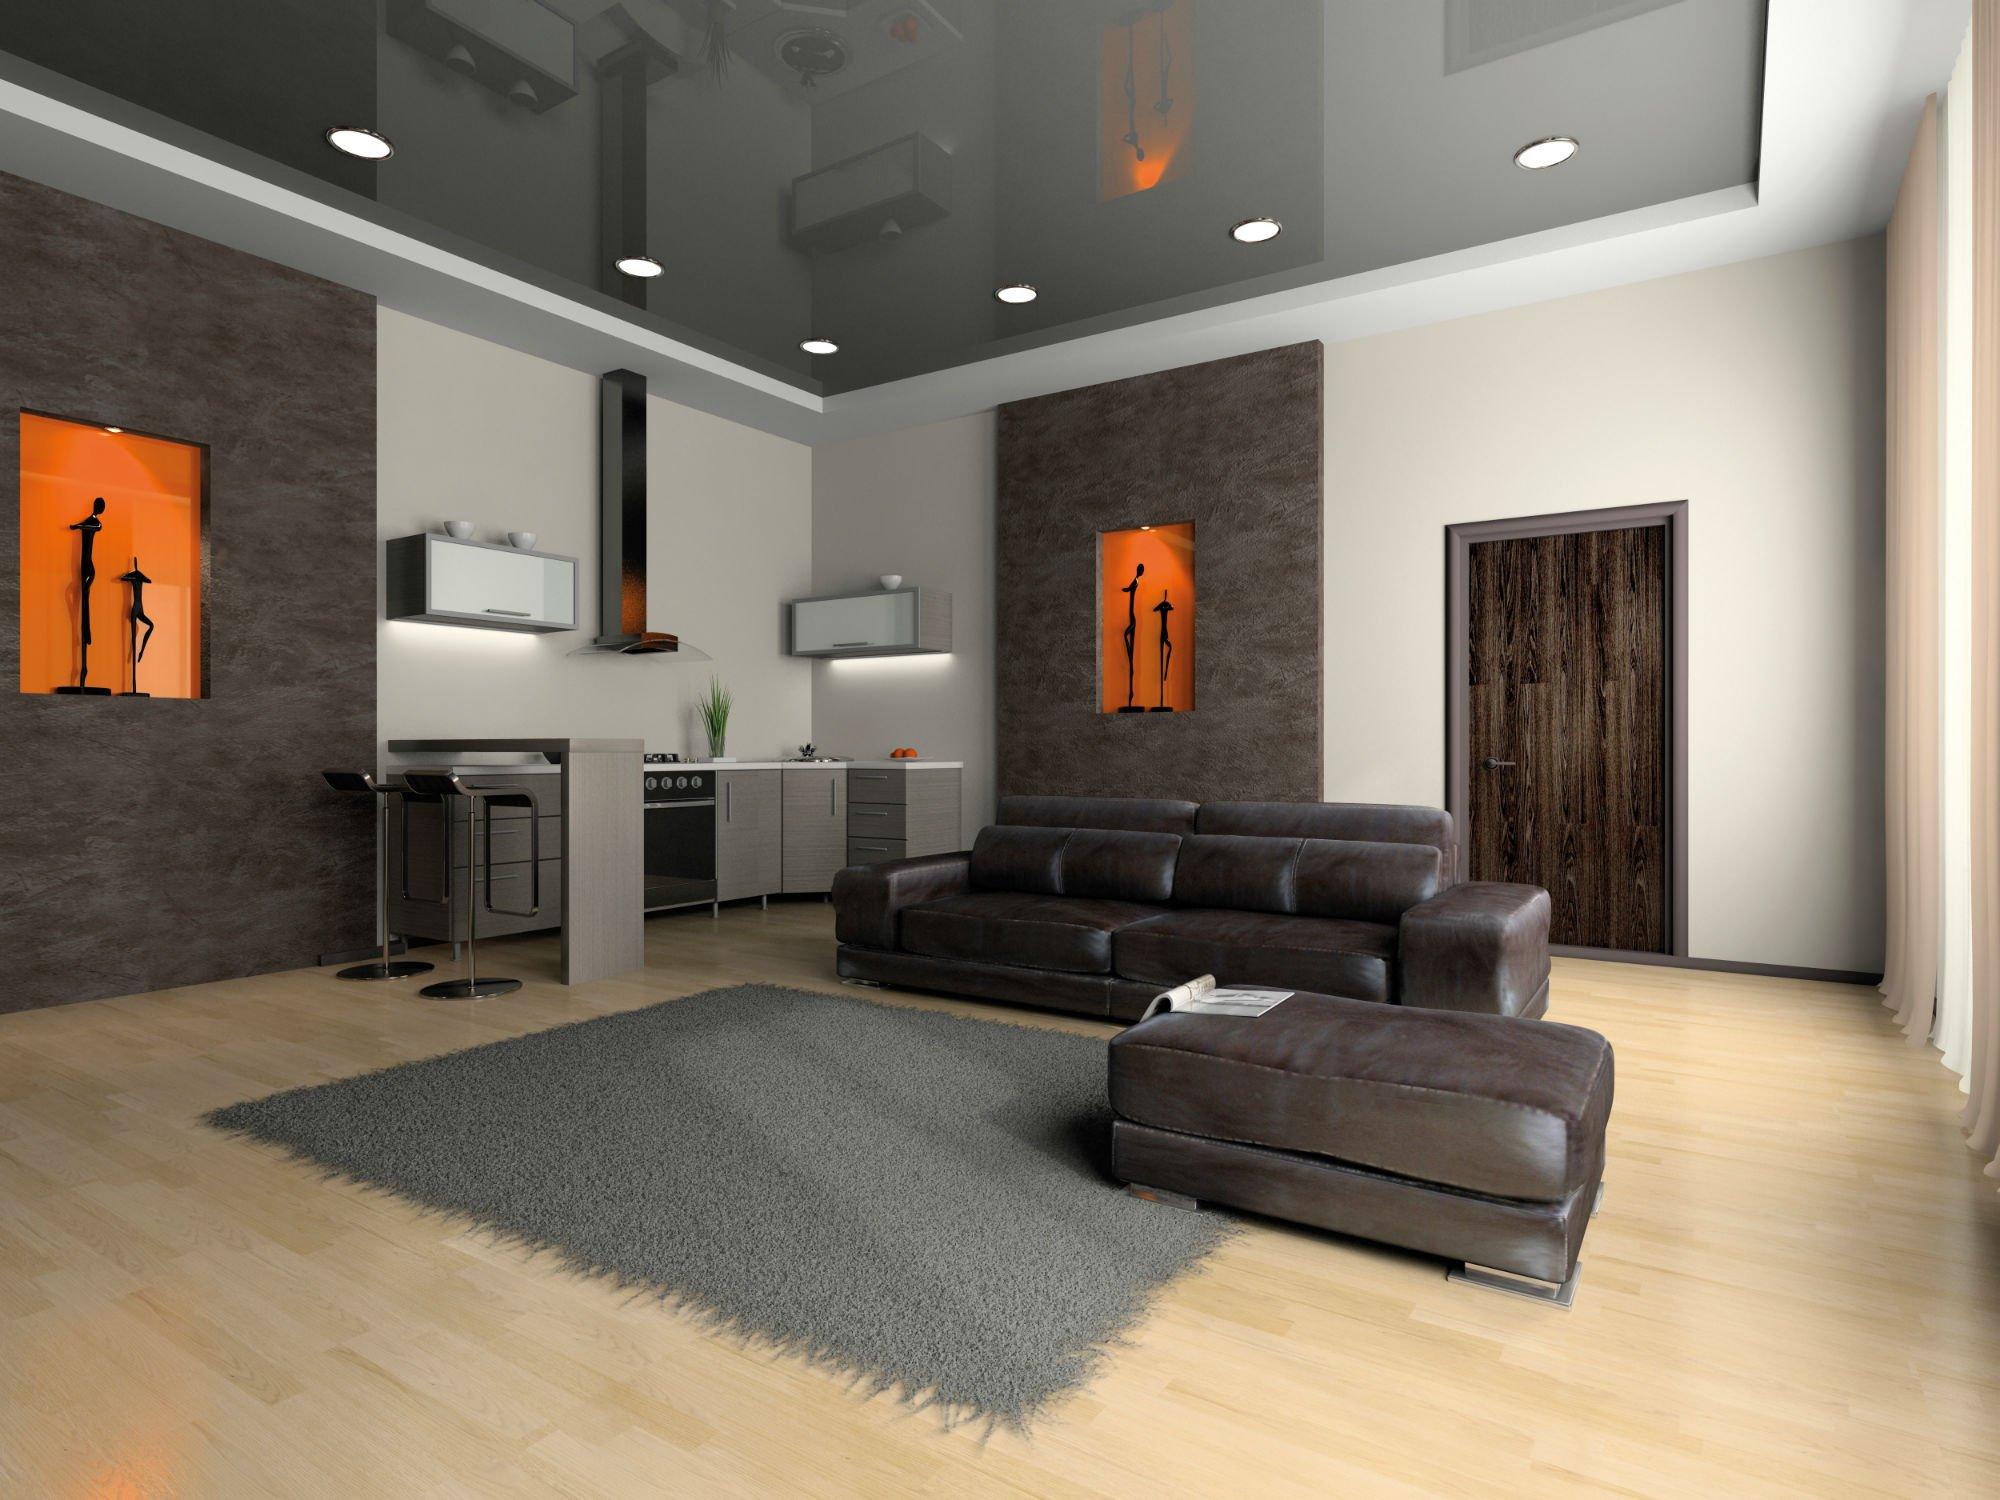 Натяжной глянцевый потолок серого цвета